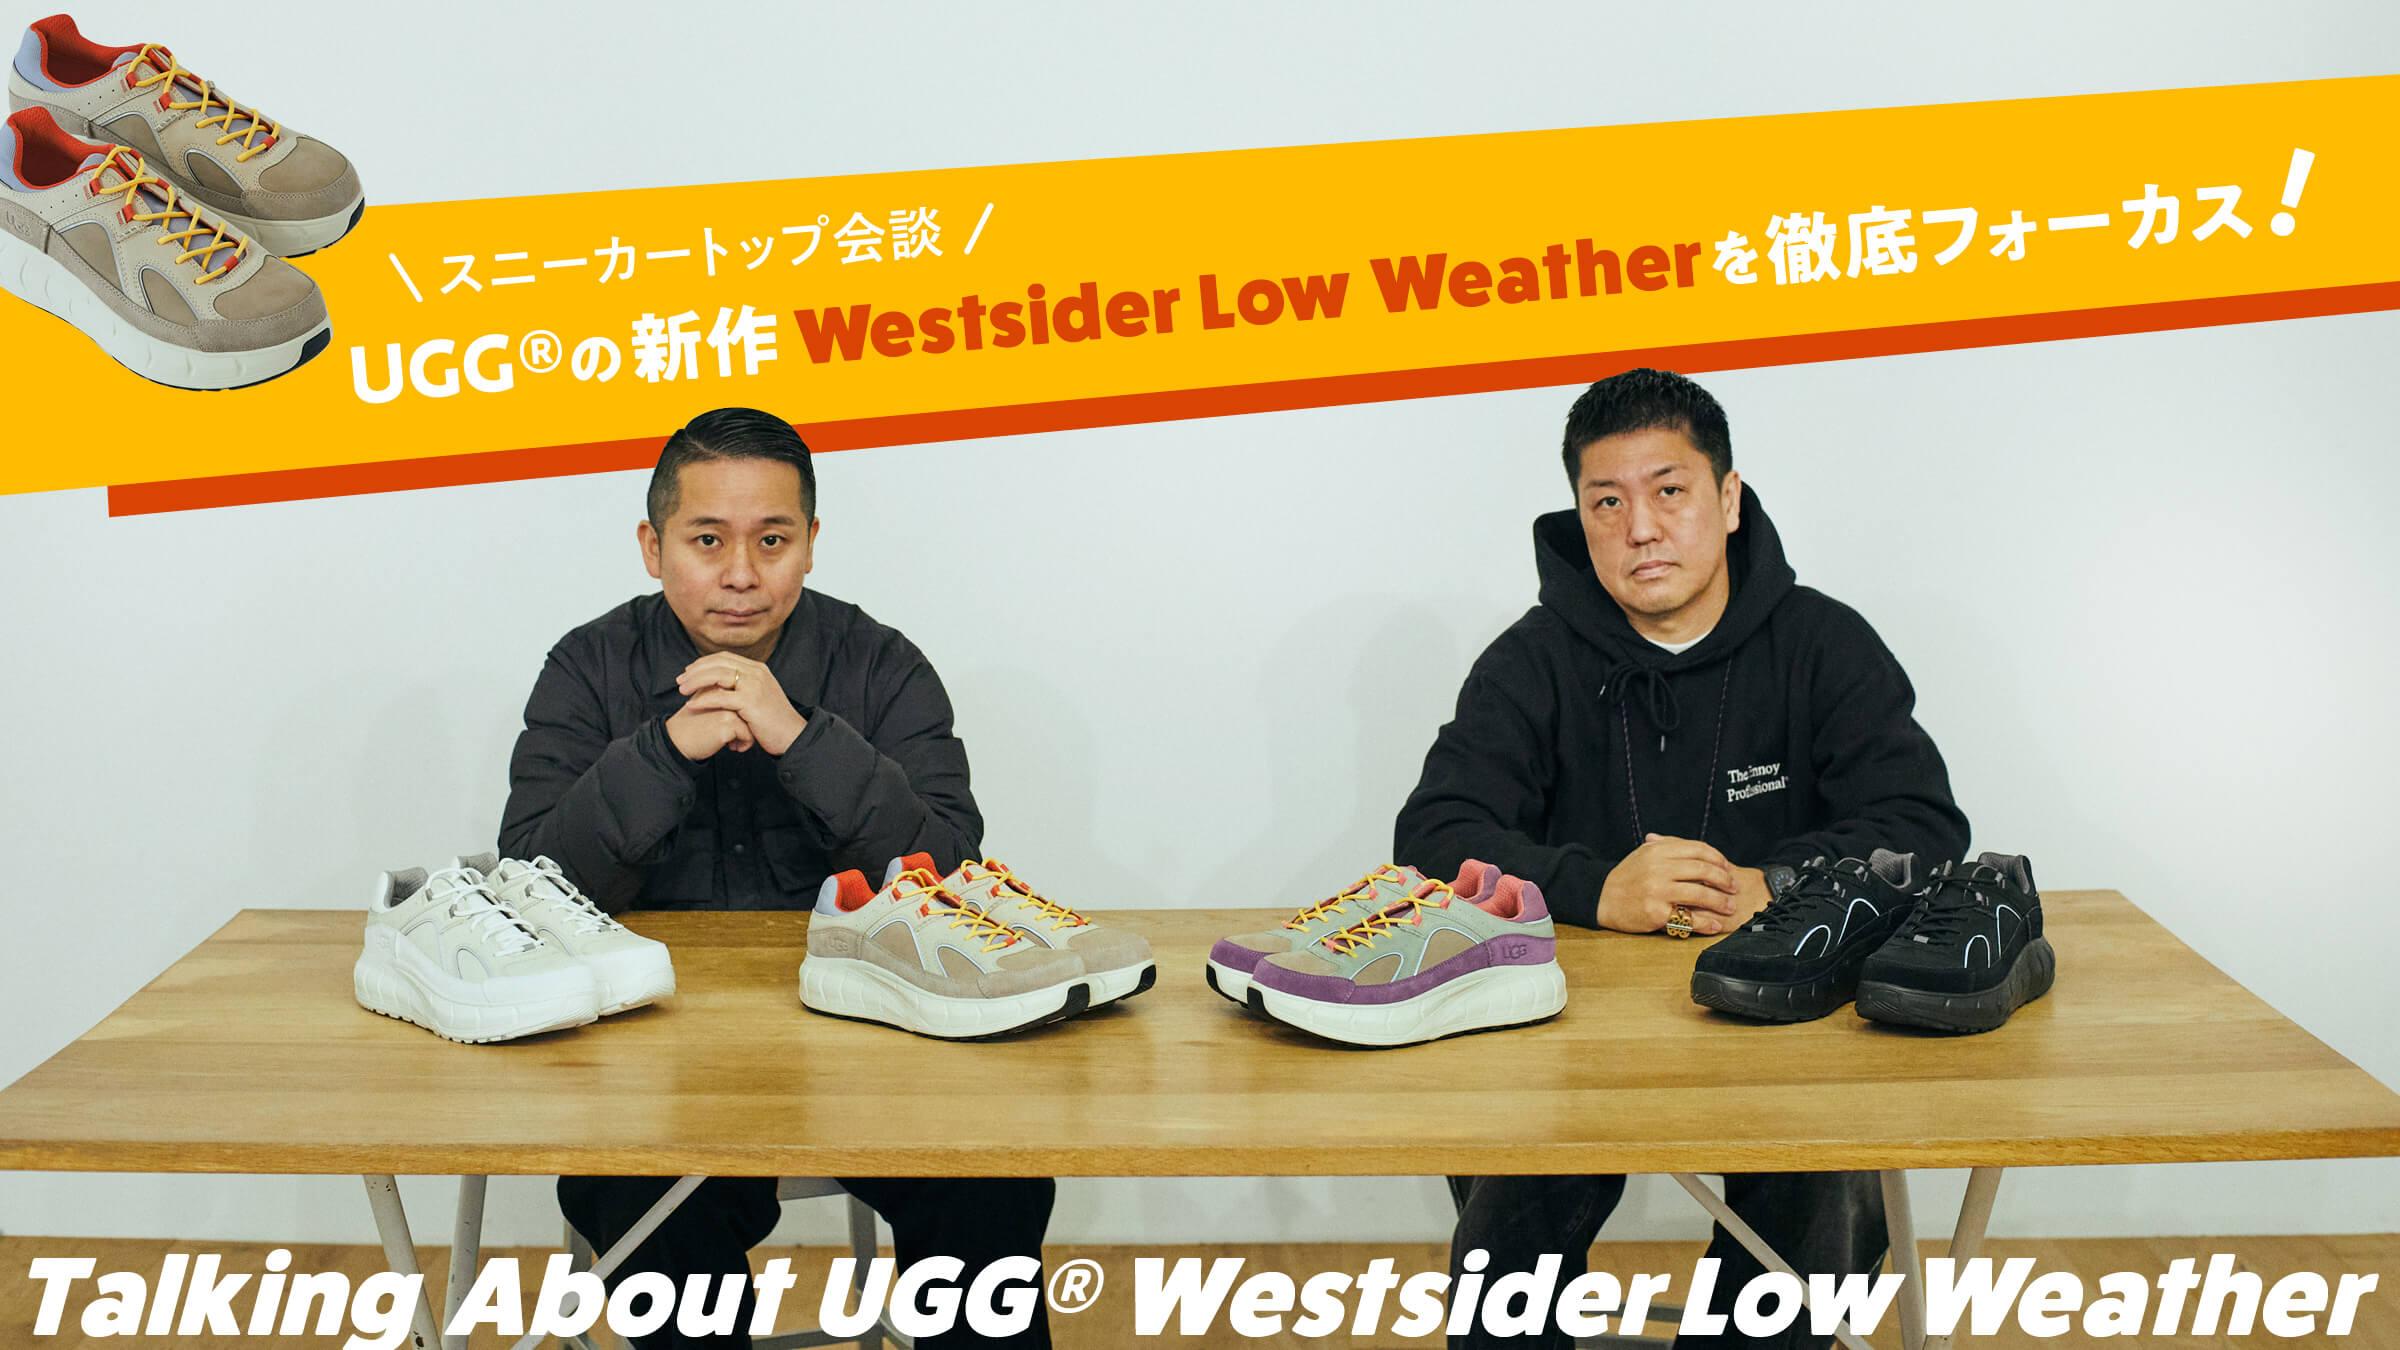 スニーカートップ会談。UGG®の新作Westsider Low Weatherを徹底フォーカス!